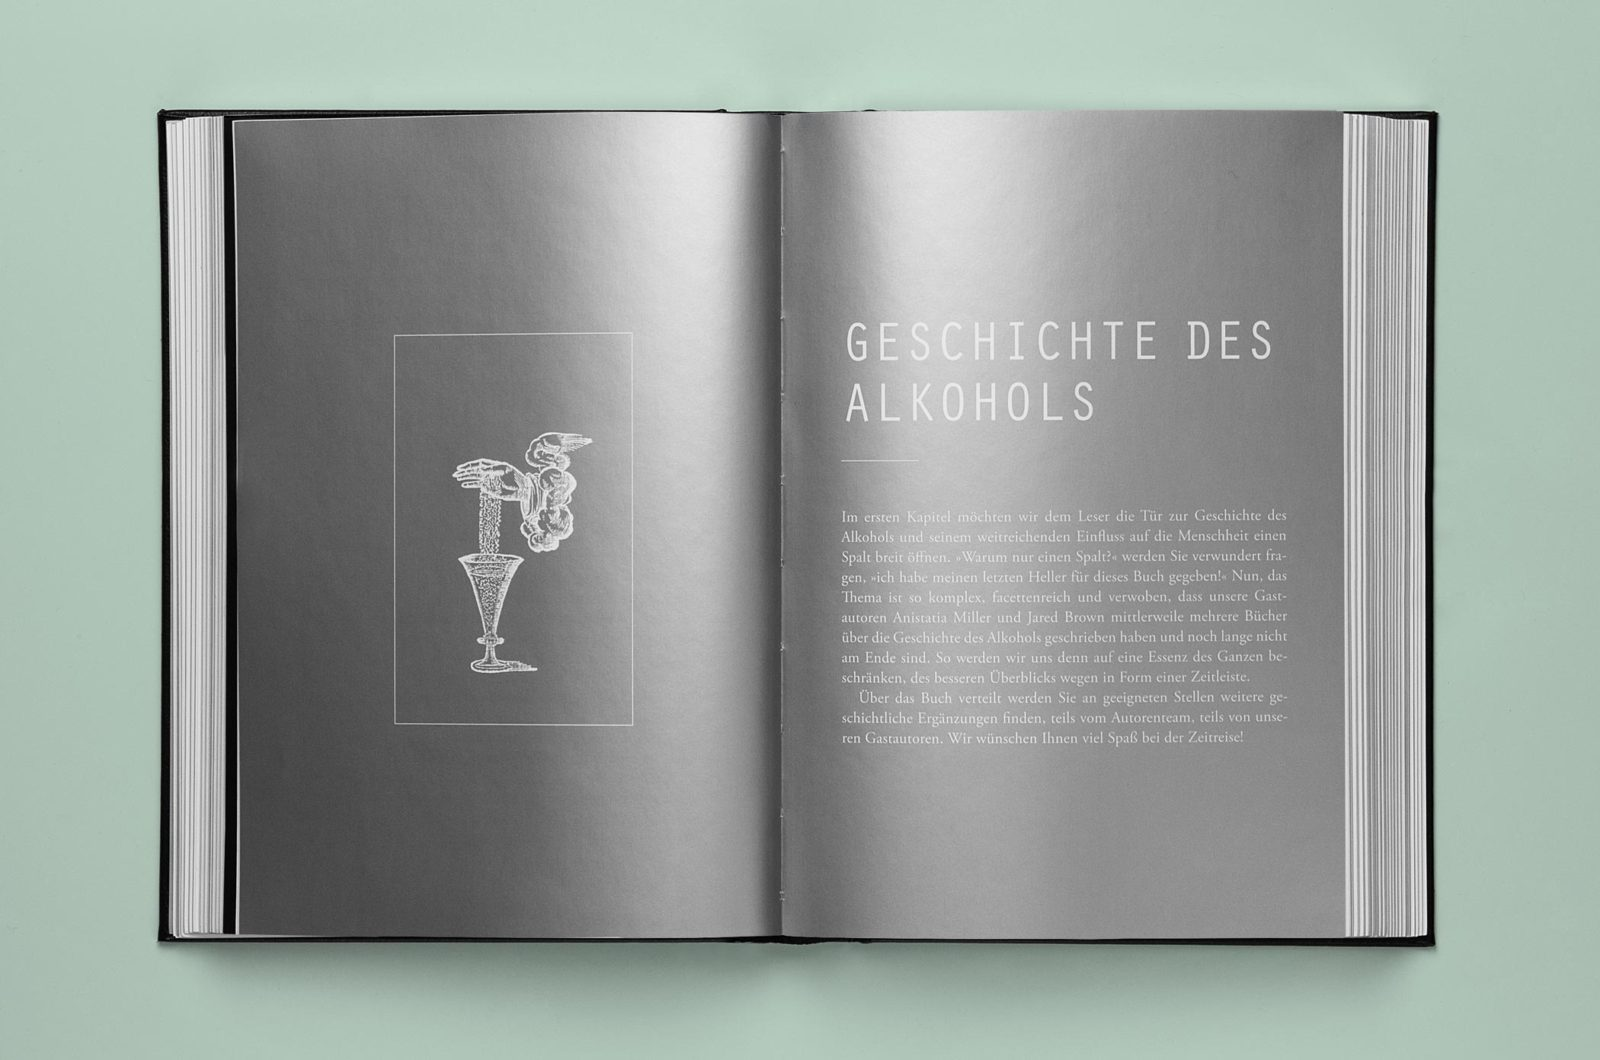 Editienne Grafikdesign - Kommunikationsdesign Berlin- Buchgestaltung Cocktailian 1 Das Handbuch der Bar 19